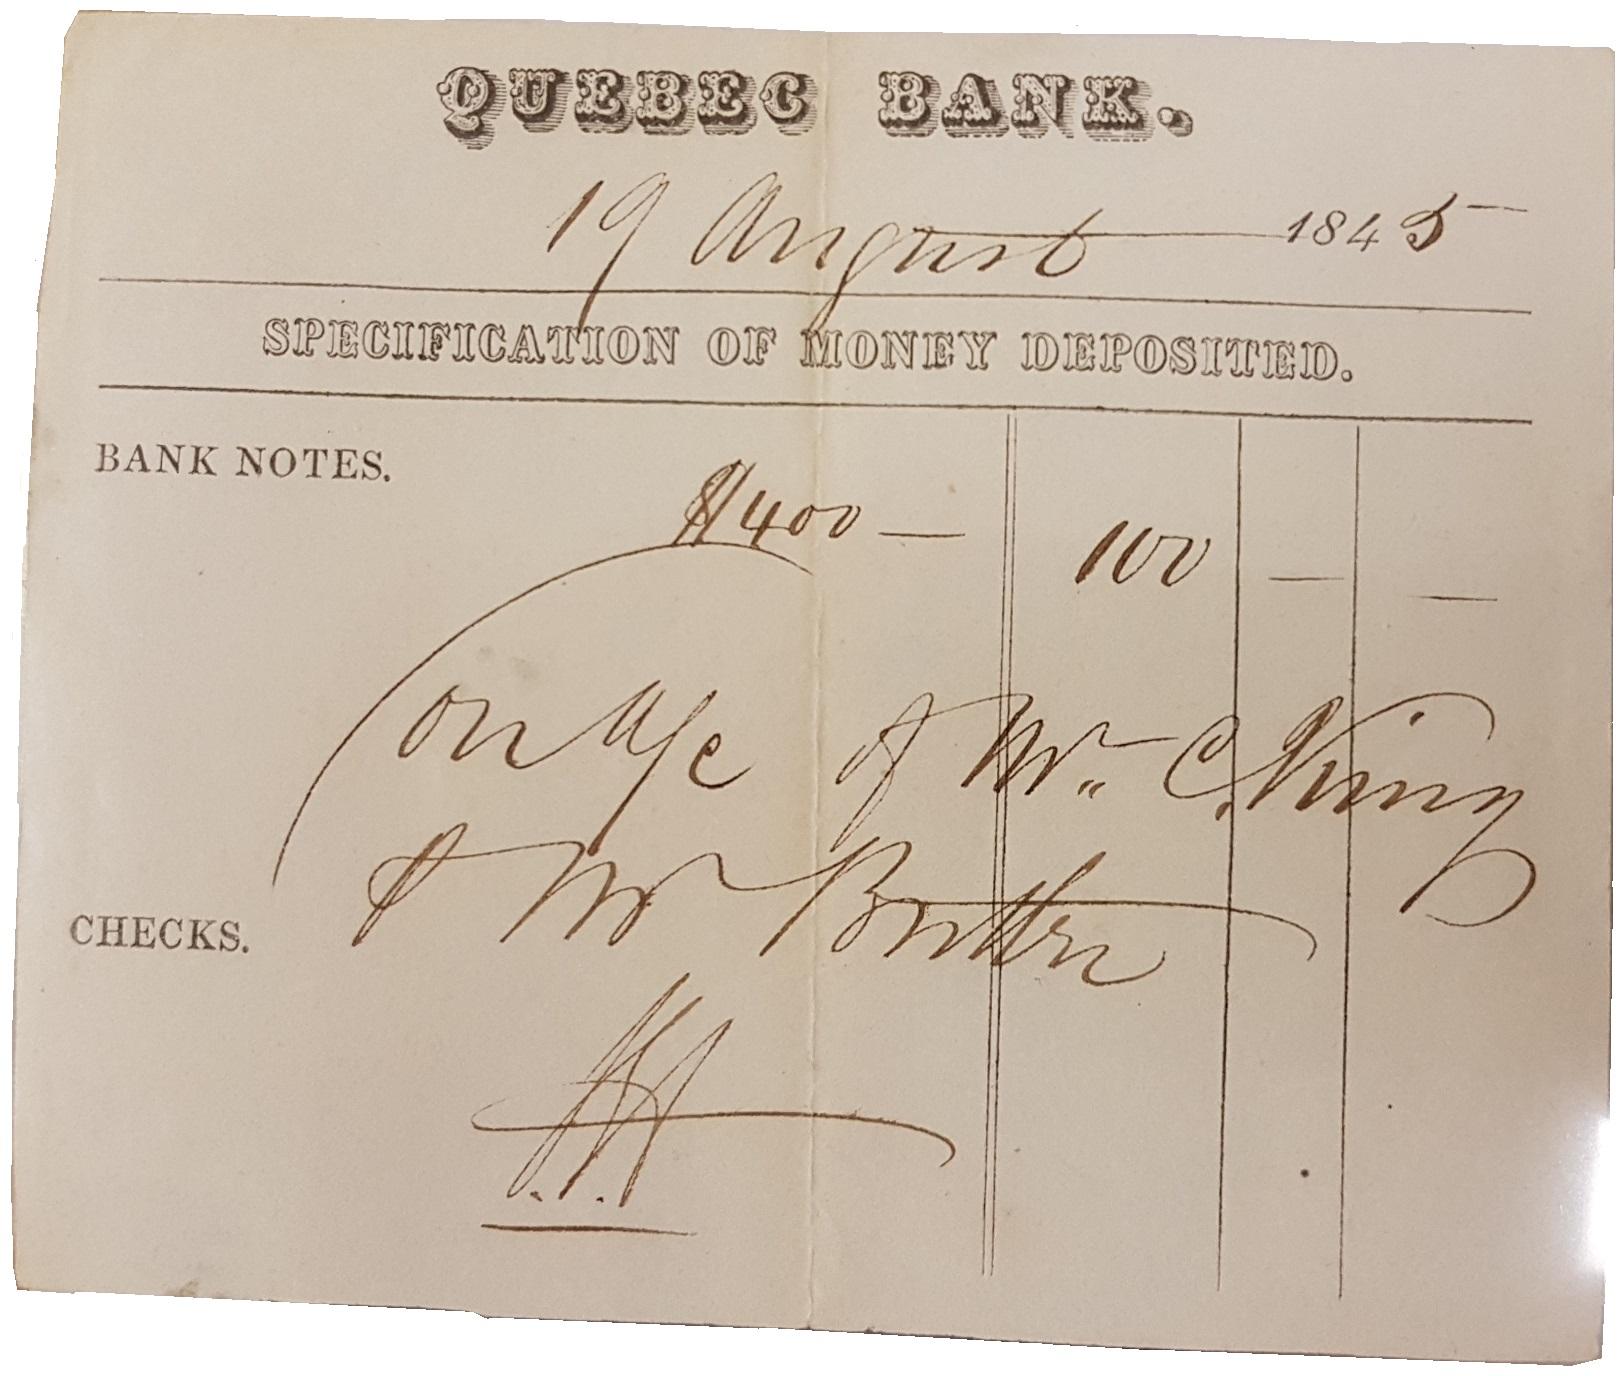 Certificat de dépôt daté du 19 août 1845